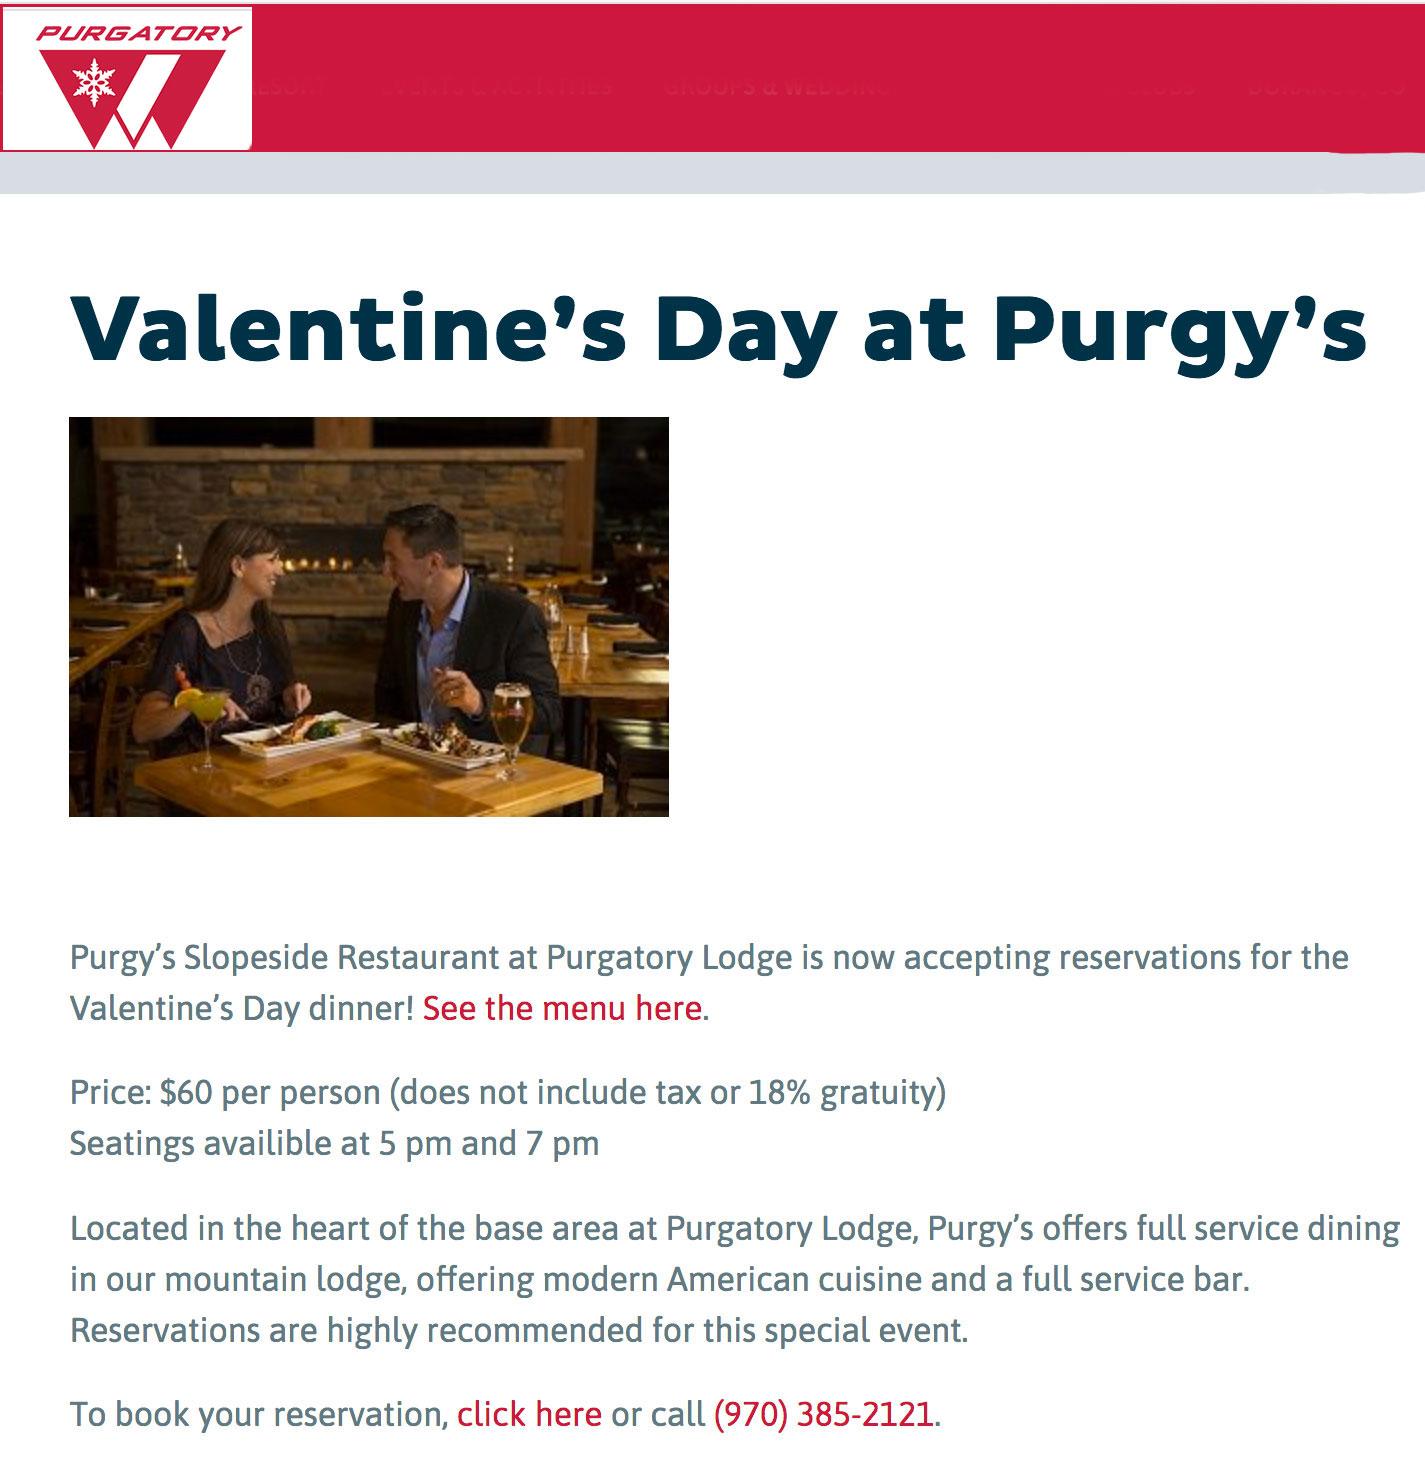 Valentine's Day at Purg